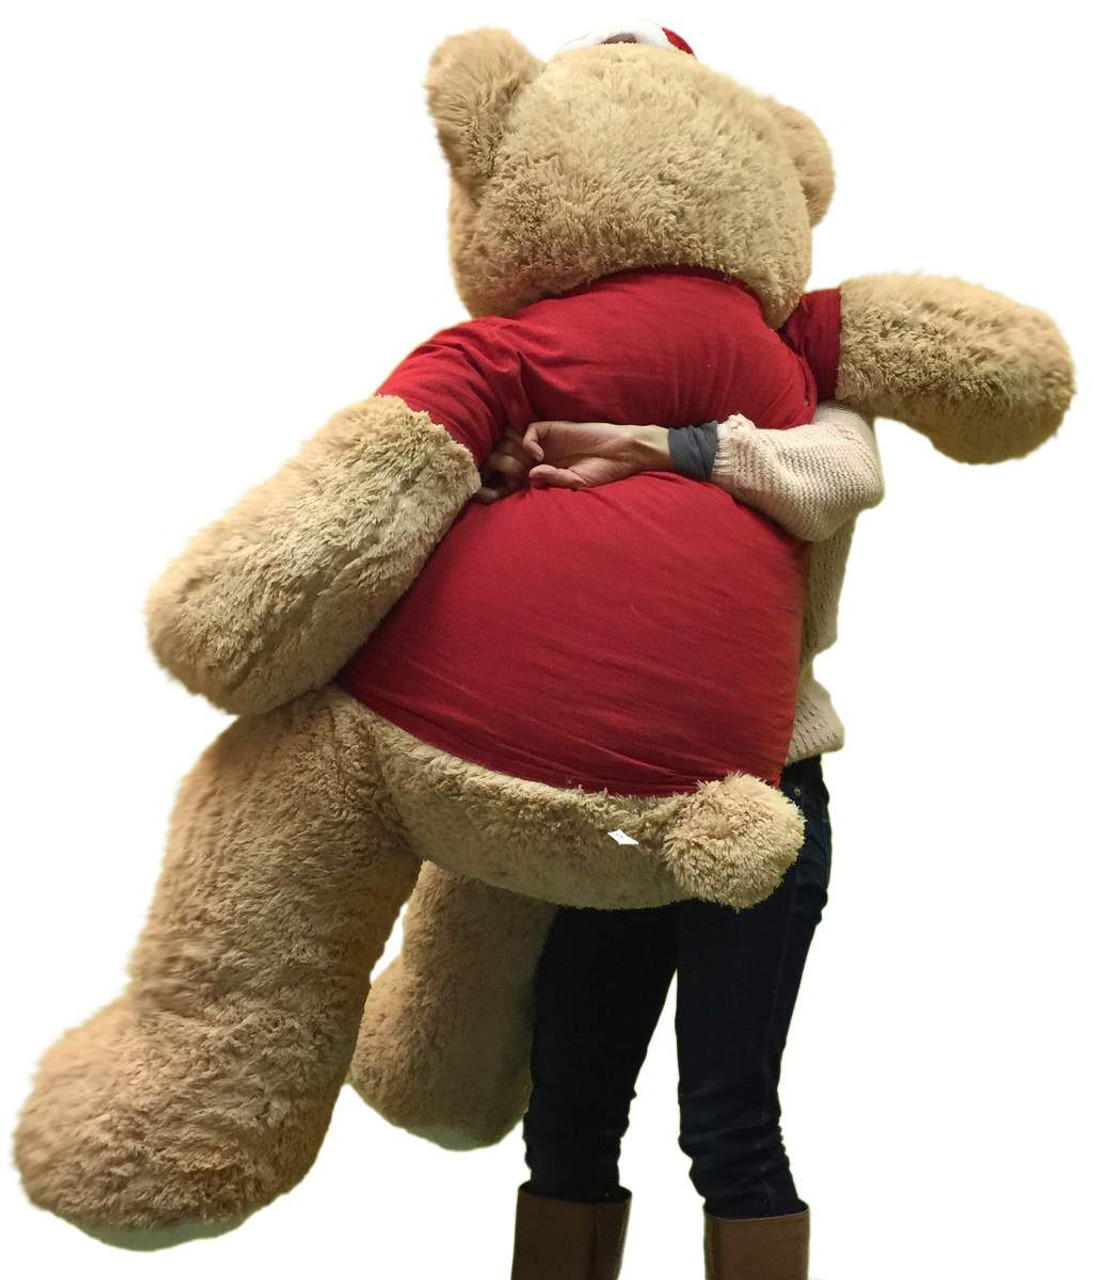 9369b2b68cc11 ... 5 Foot Giant Xmas Teddy Bear Soft 60 Inch